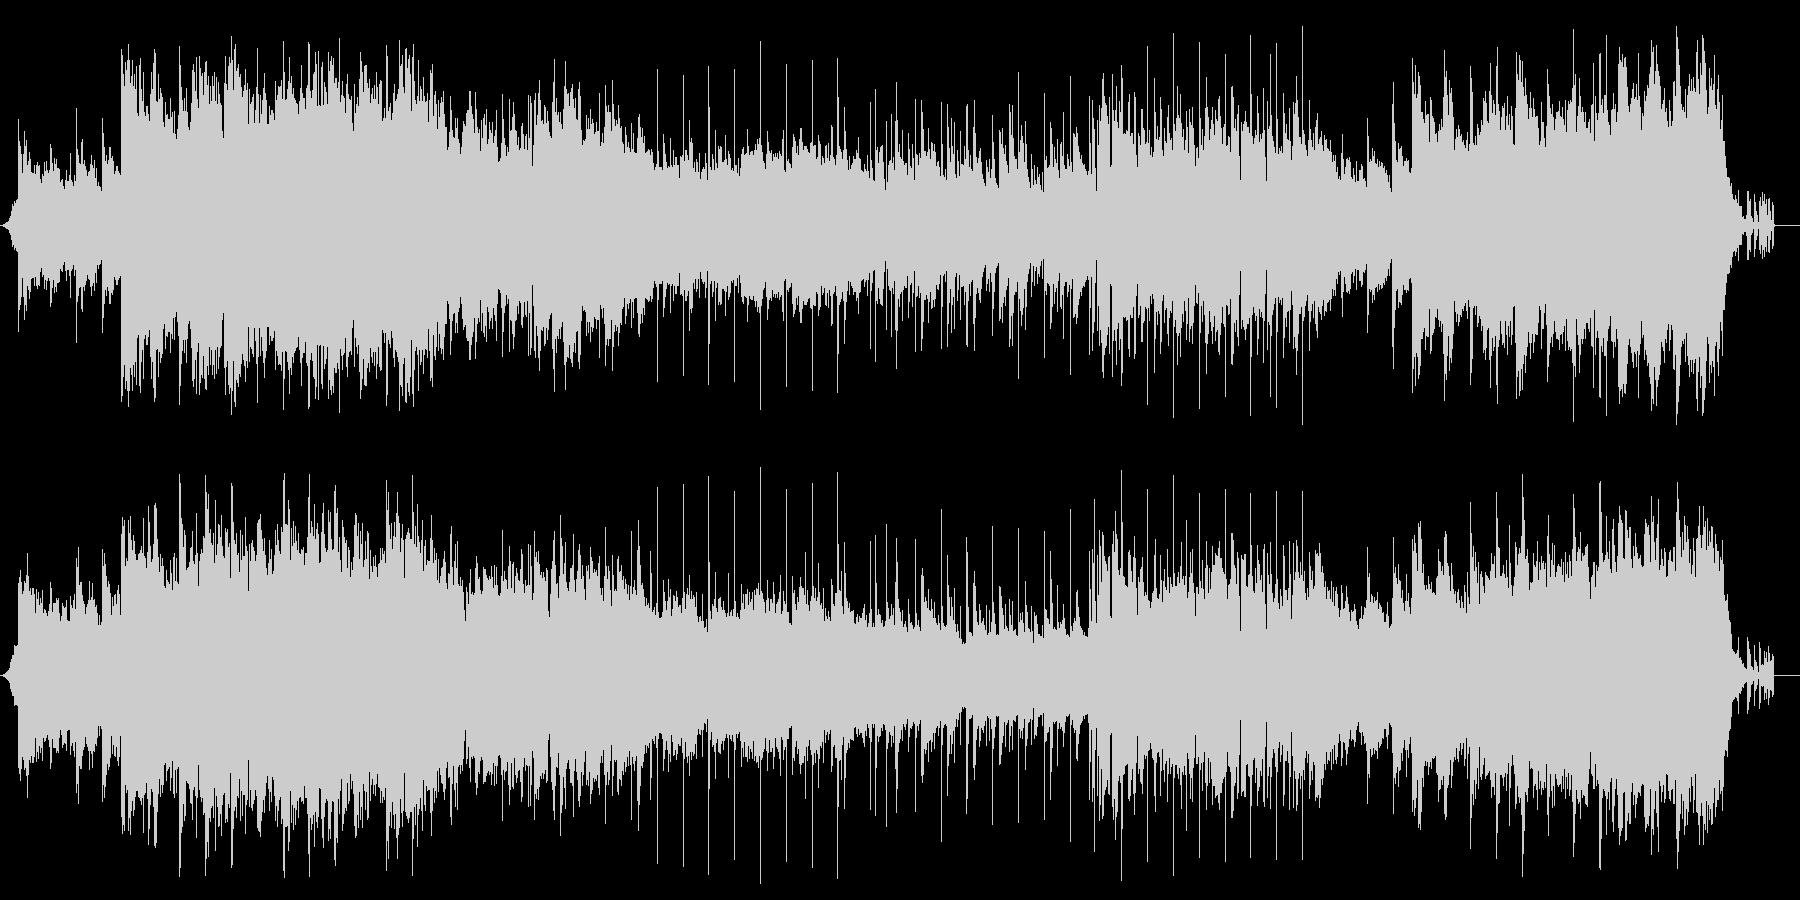 ソフトダーク系なサウンド夜明け前の暗さの未再生の波形